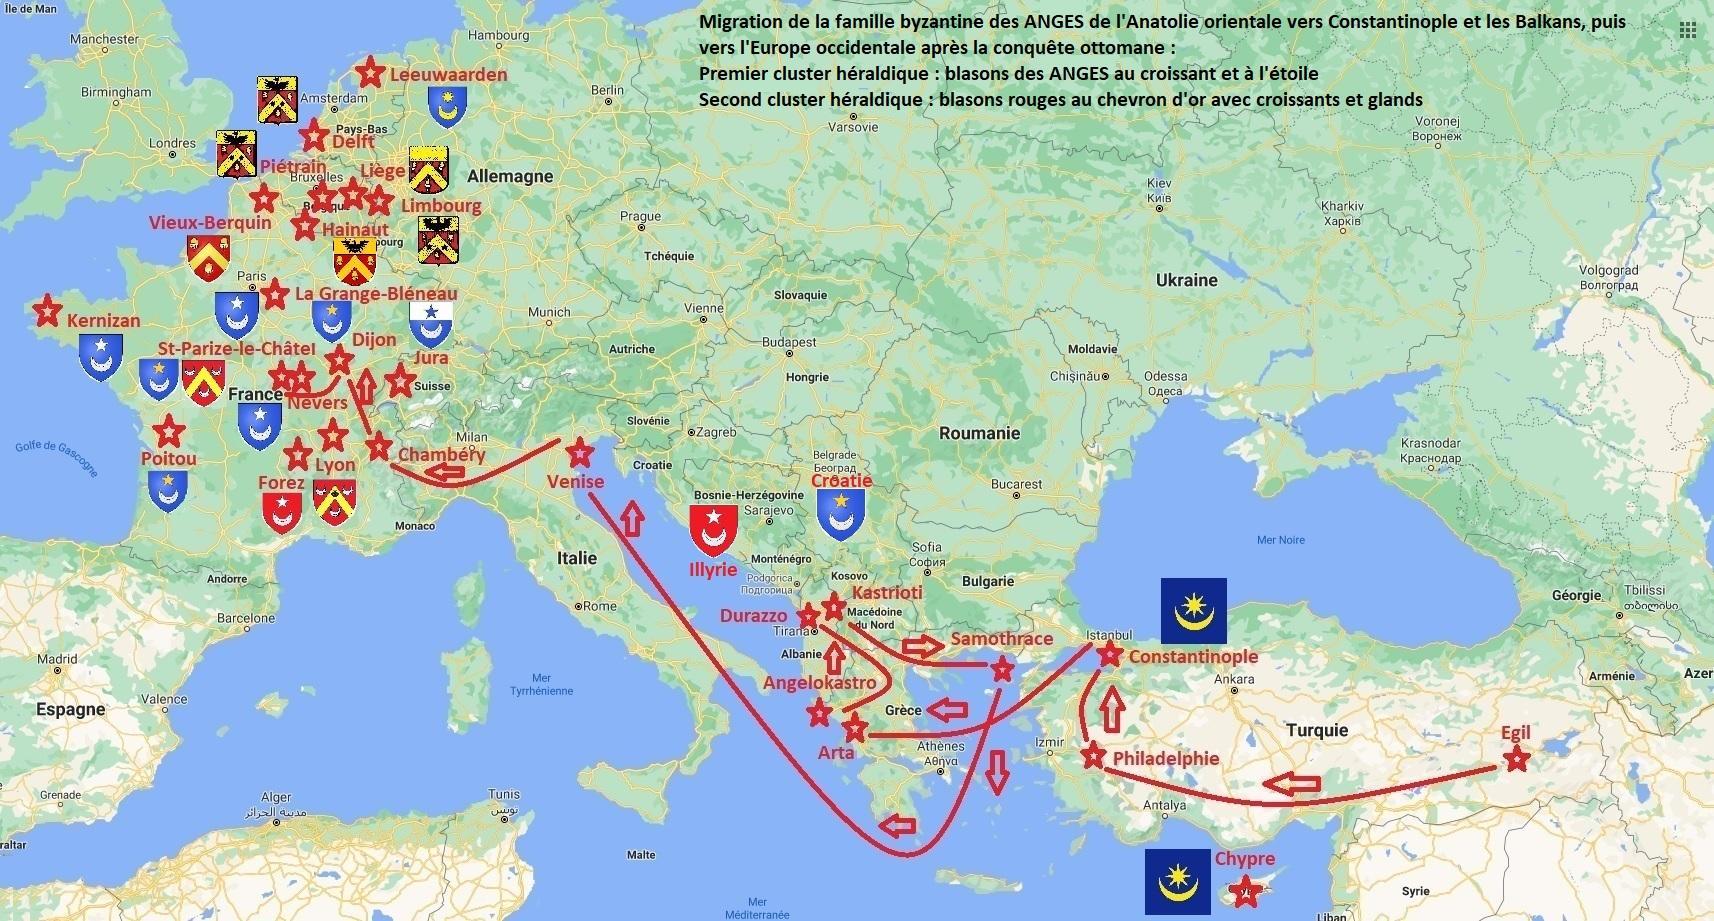 Migration des familles des anges et cluster heraldique